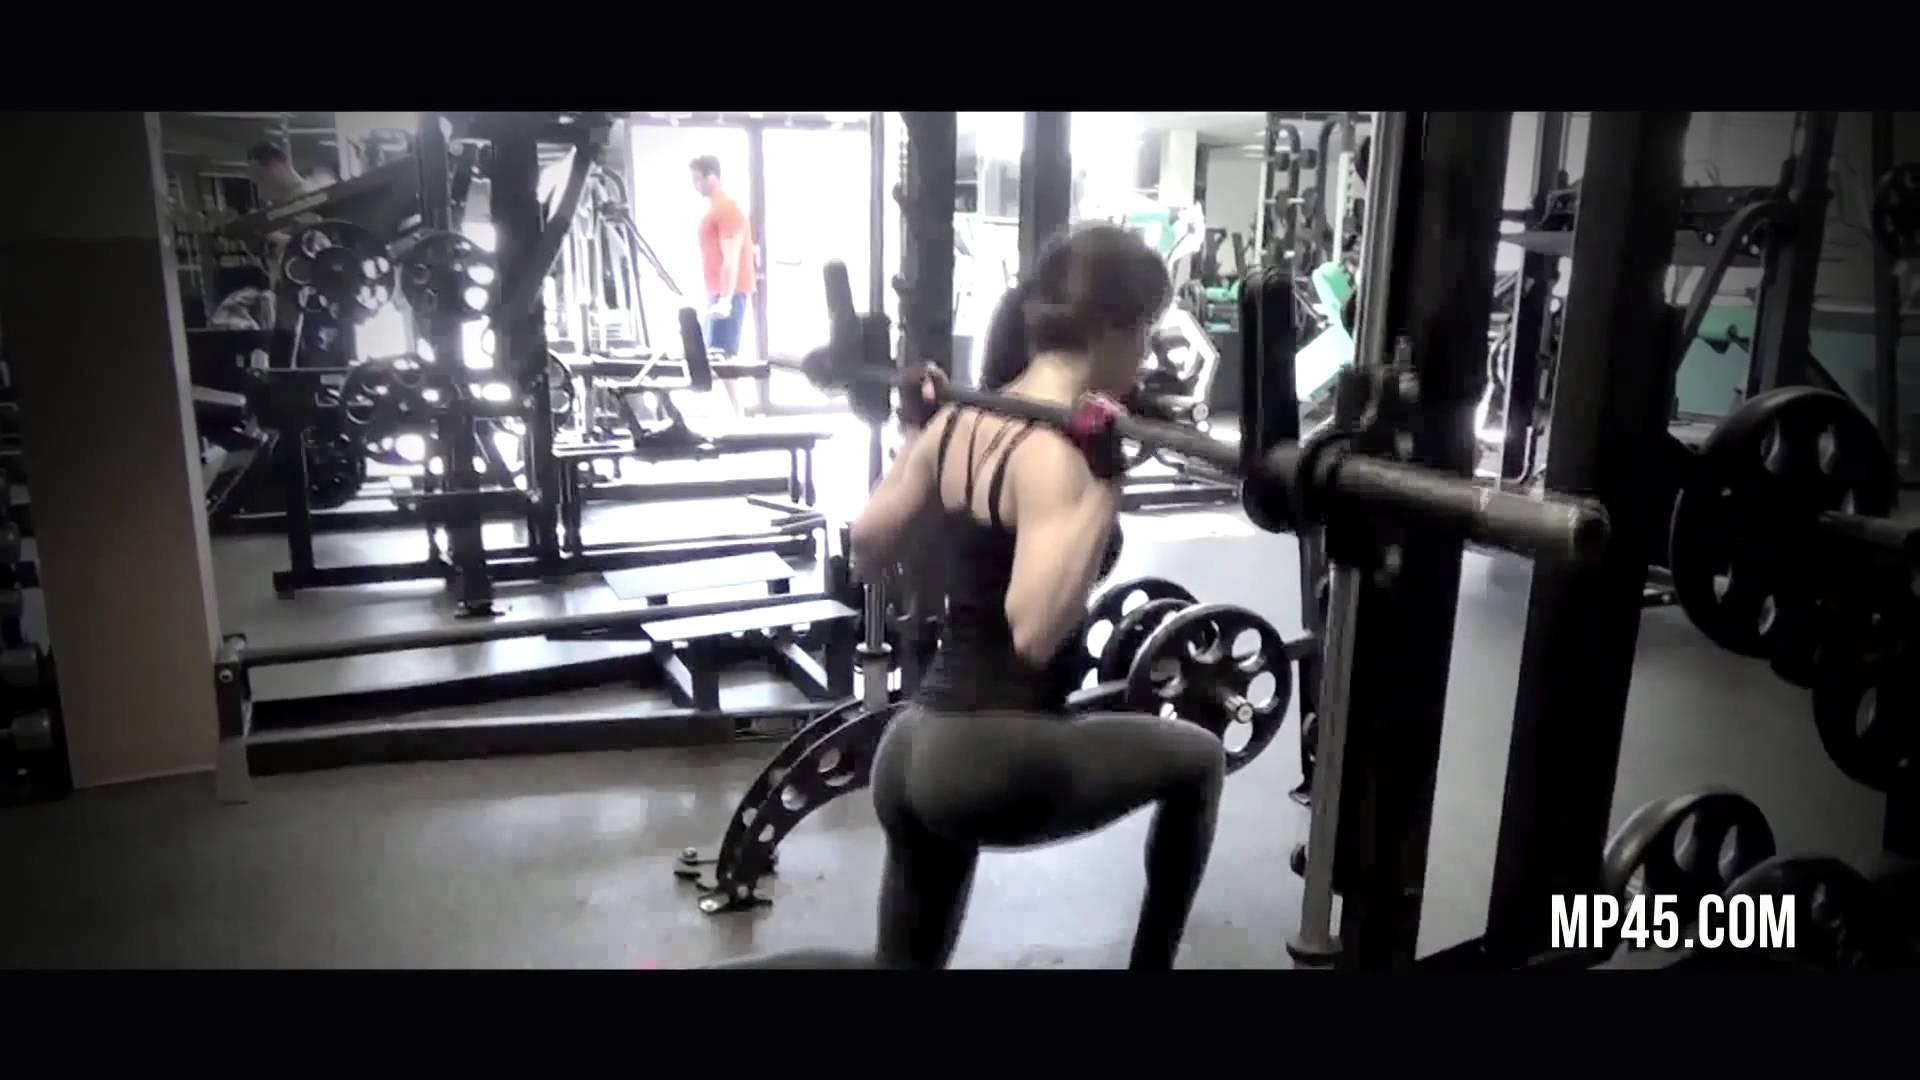 Yoga Pants Queen: Jen Selter in Action (Watch)